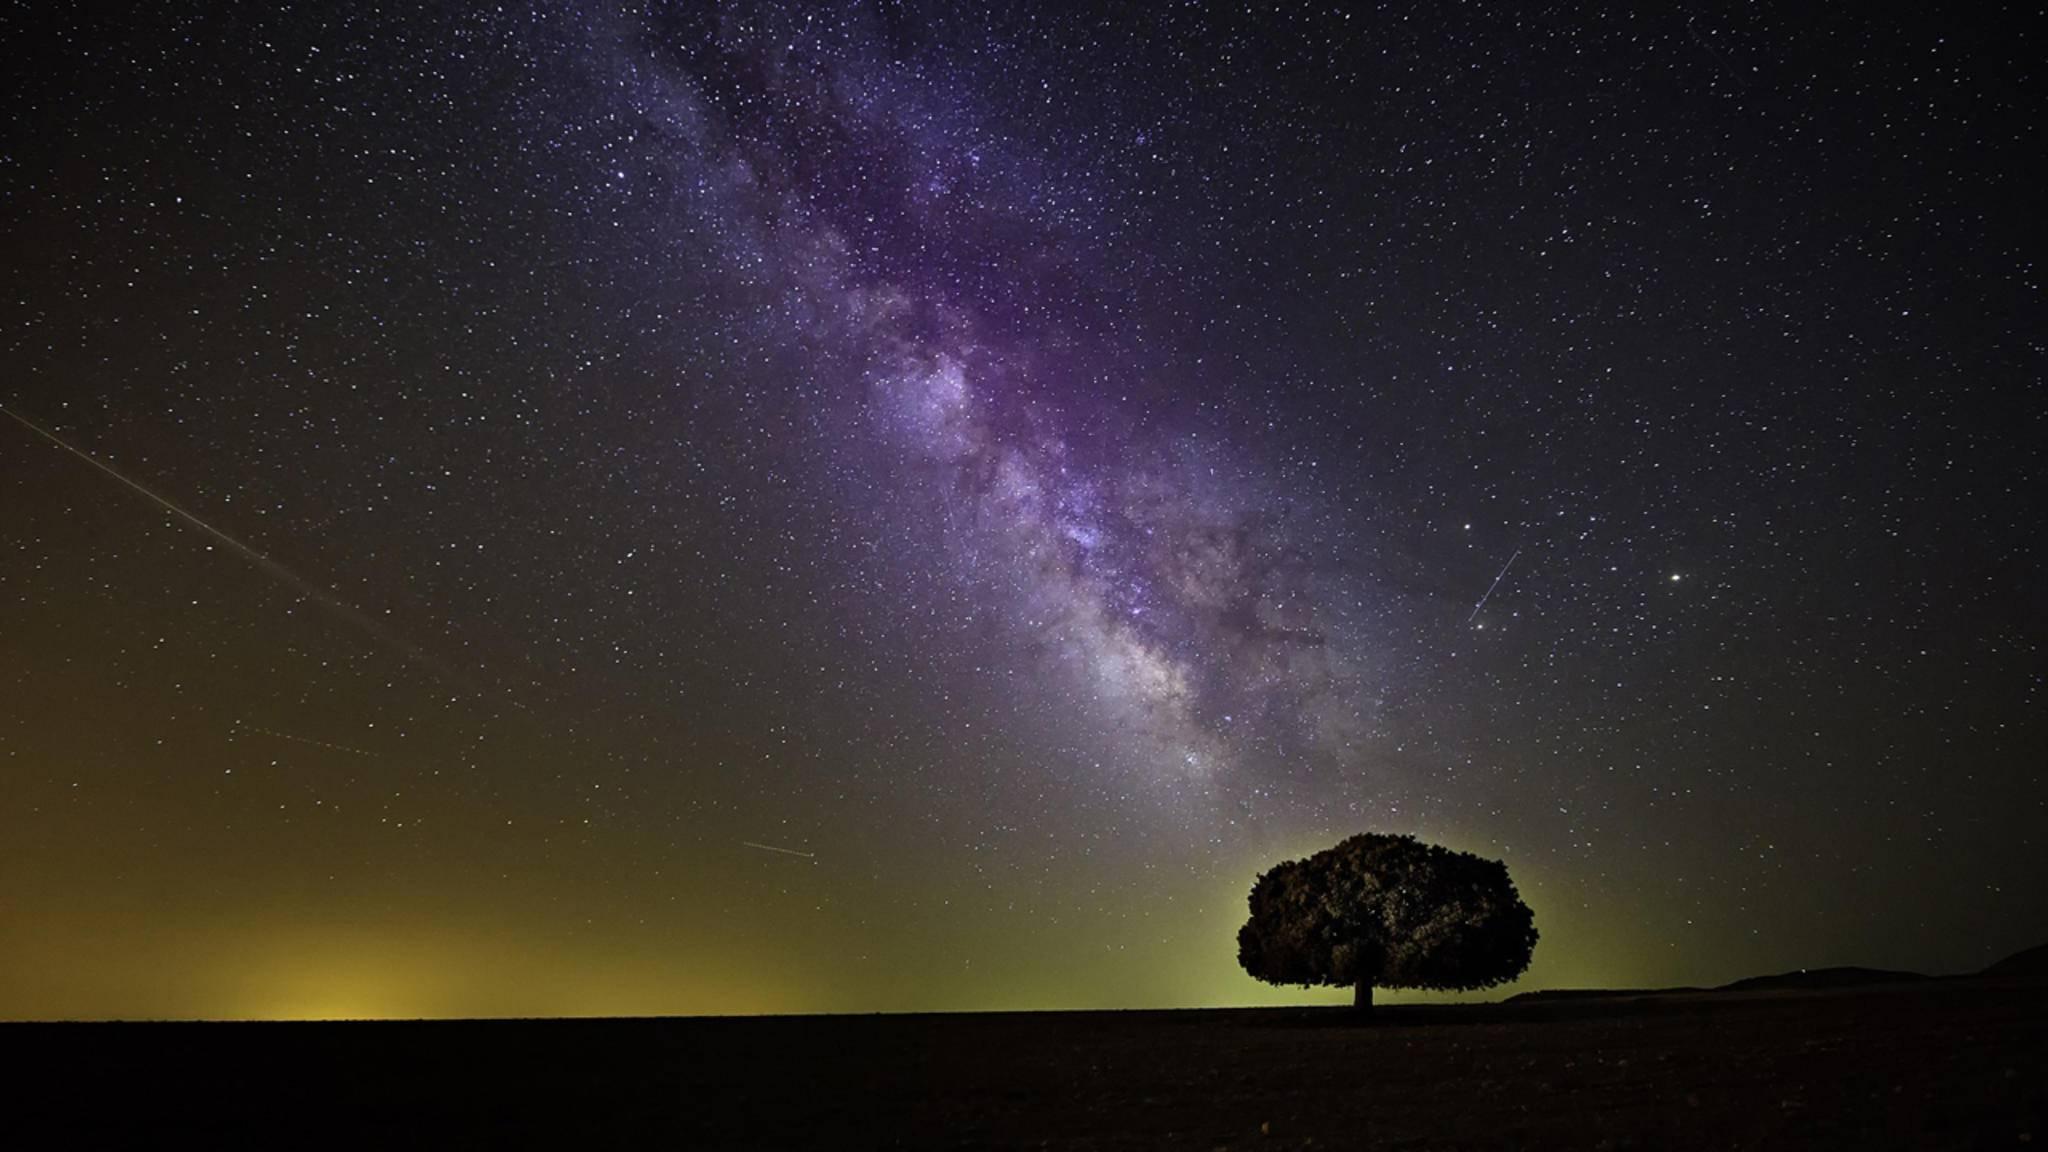 Den besten Blick auf die Milchstraße hast Du in der freien Natur – fernab von hellen Städten.